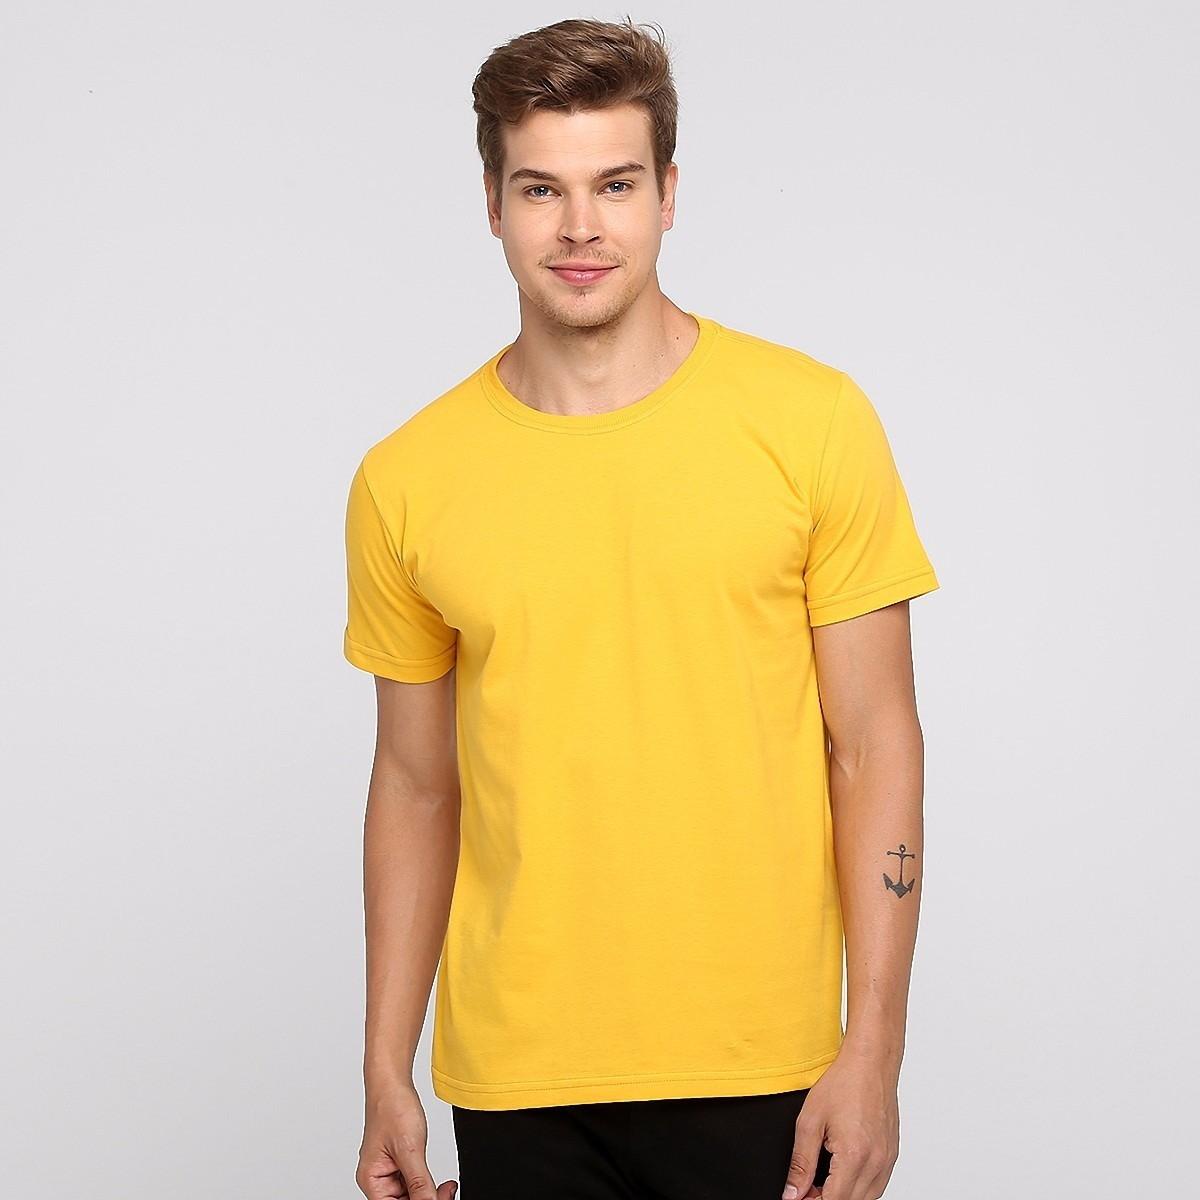 a7d8697c62 Camiseta 100% Algodão Sem Estampa Fio 30.1 Lisa Amarelo no Elo7 ...